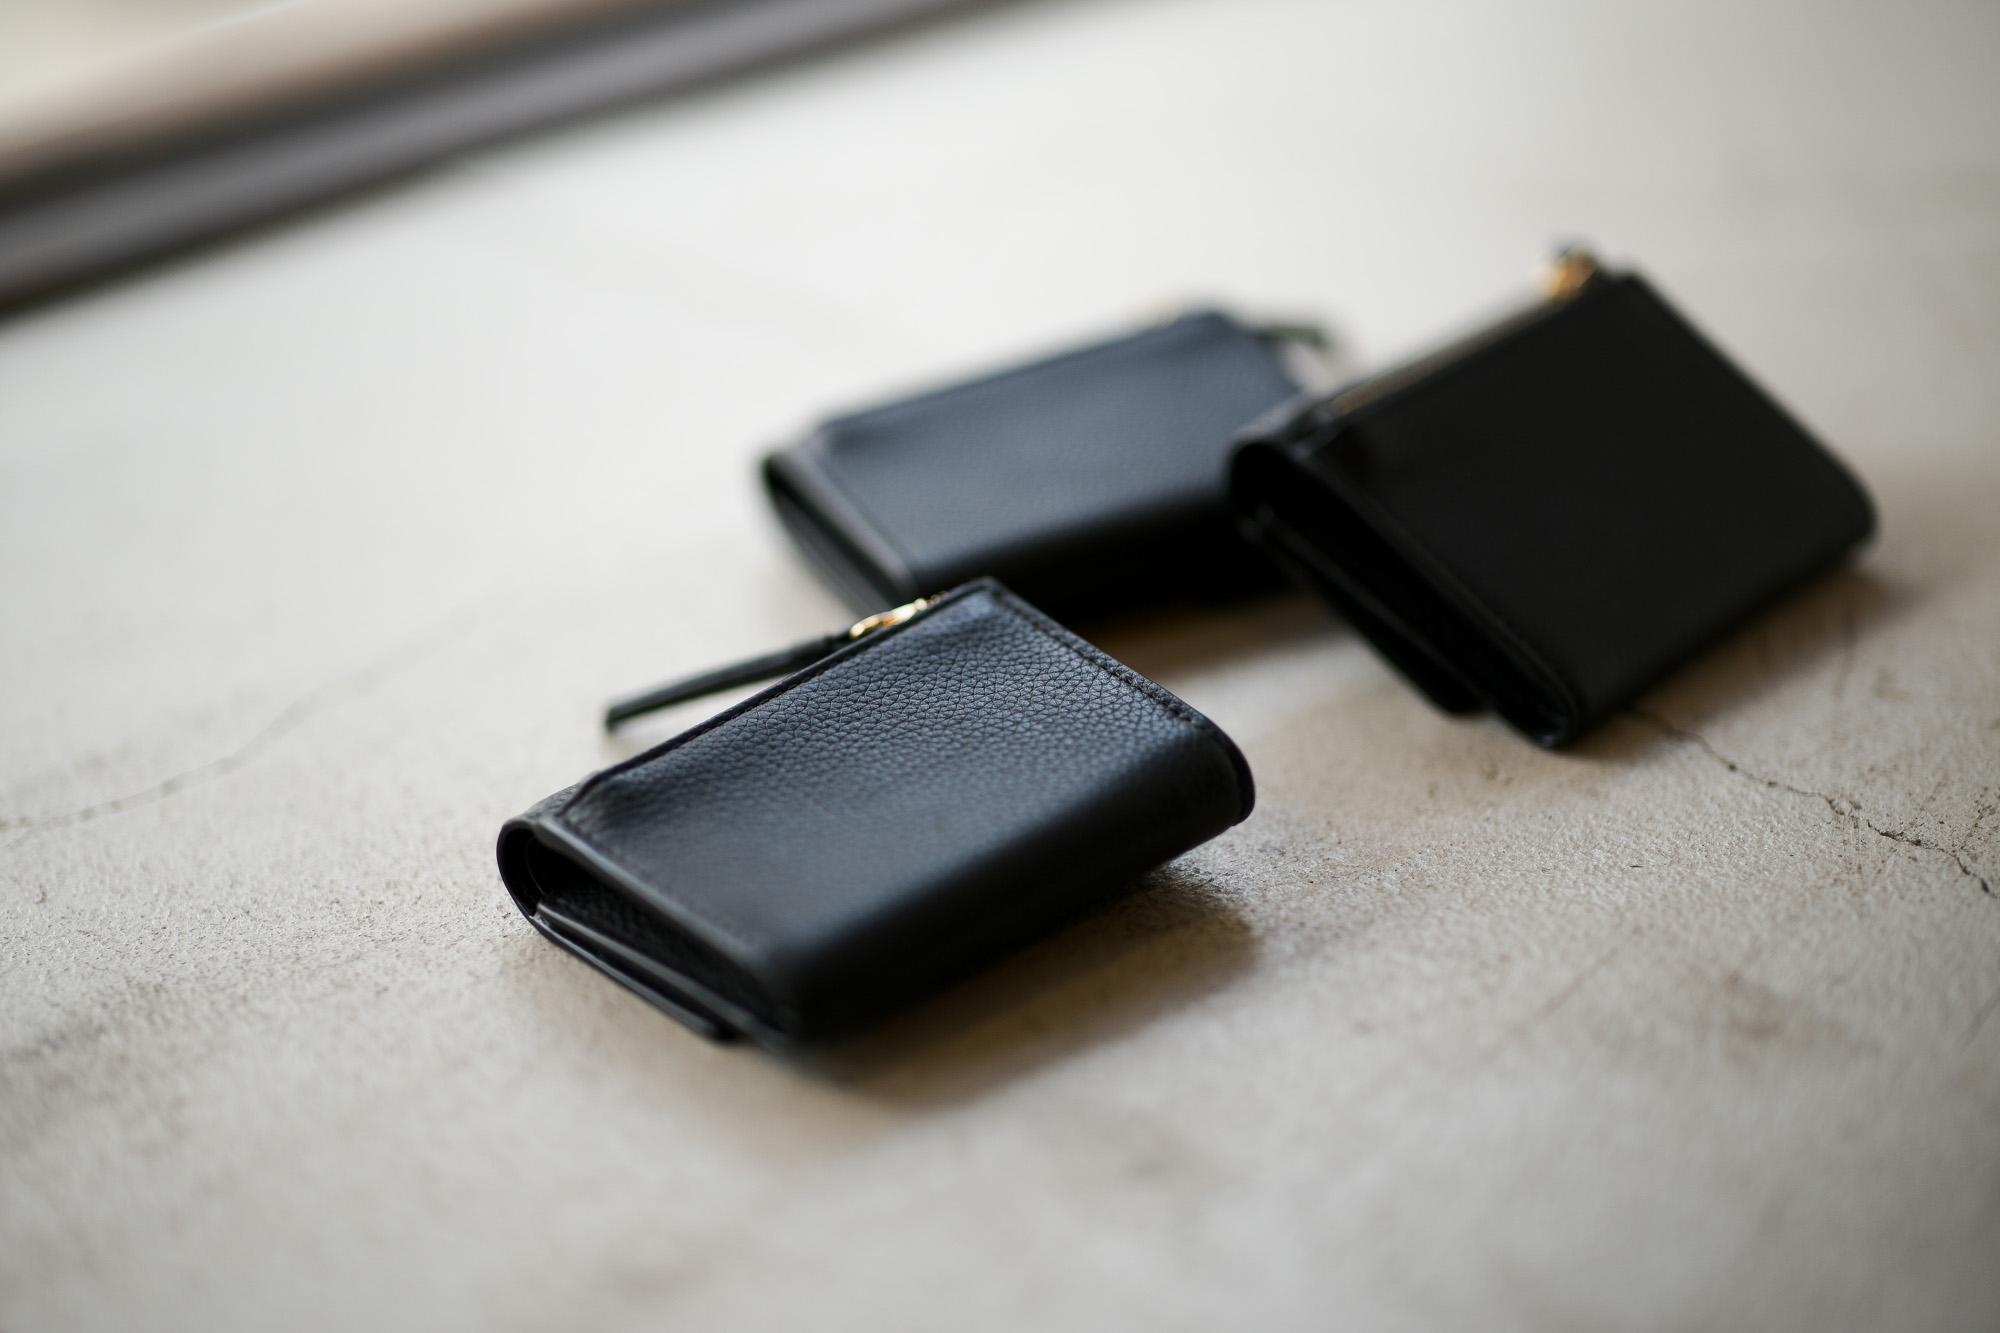 J&M DAVIDSON (ジェイアンドエムデヴィッドソン) TWO FOLD WALLET (トゥー フォルド ウォレット) GRAIN LEATHER (グレインレザー) 折財布 BLACK (ブラック・9990) Made in spain (スペイン製) 2019 春夏新作 jandmdavidson  ジェイエムデヴィッドソン 愛知 名古屋 altoediritto アルトエデリット